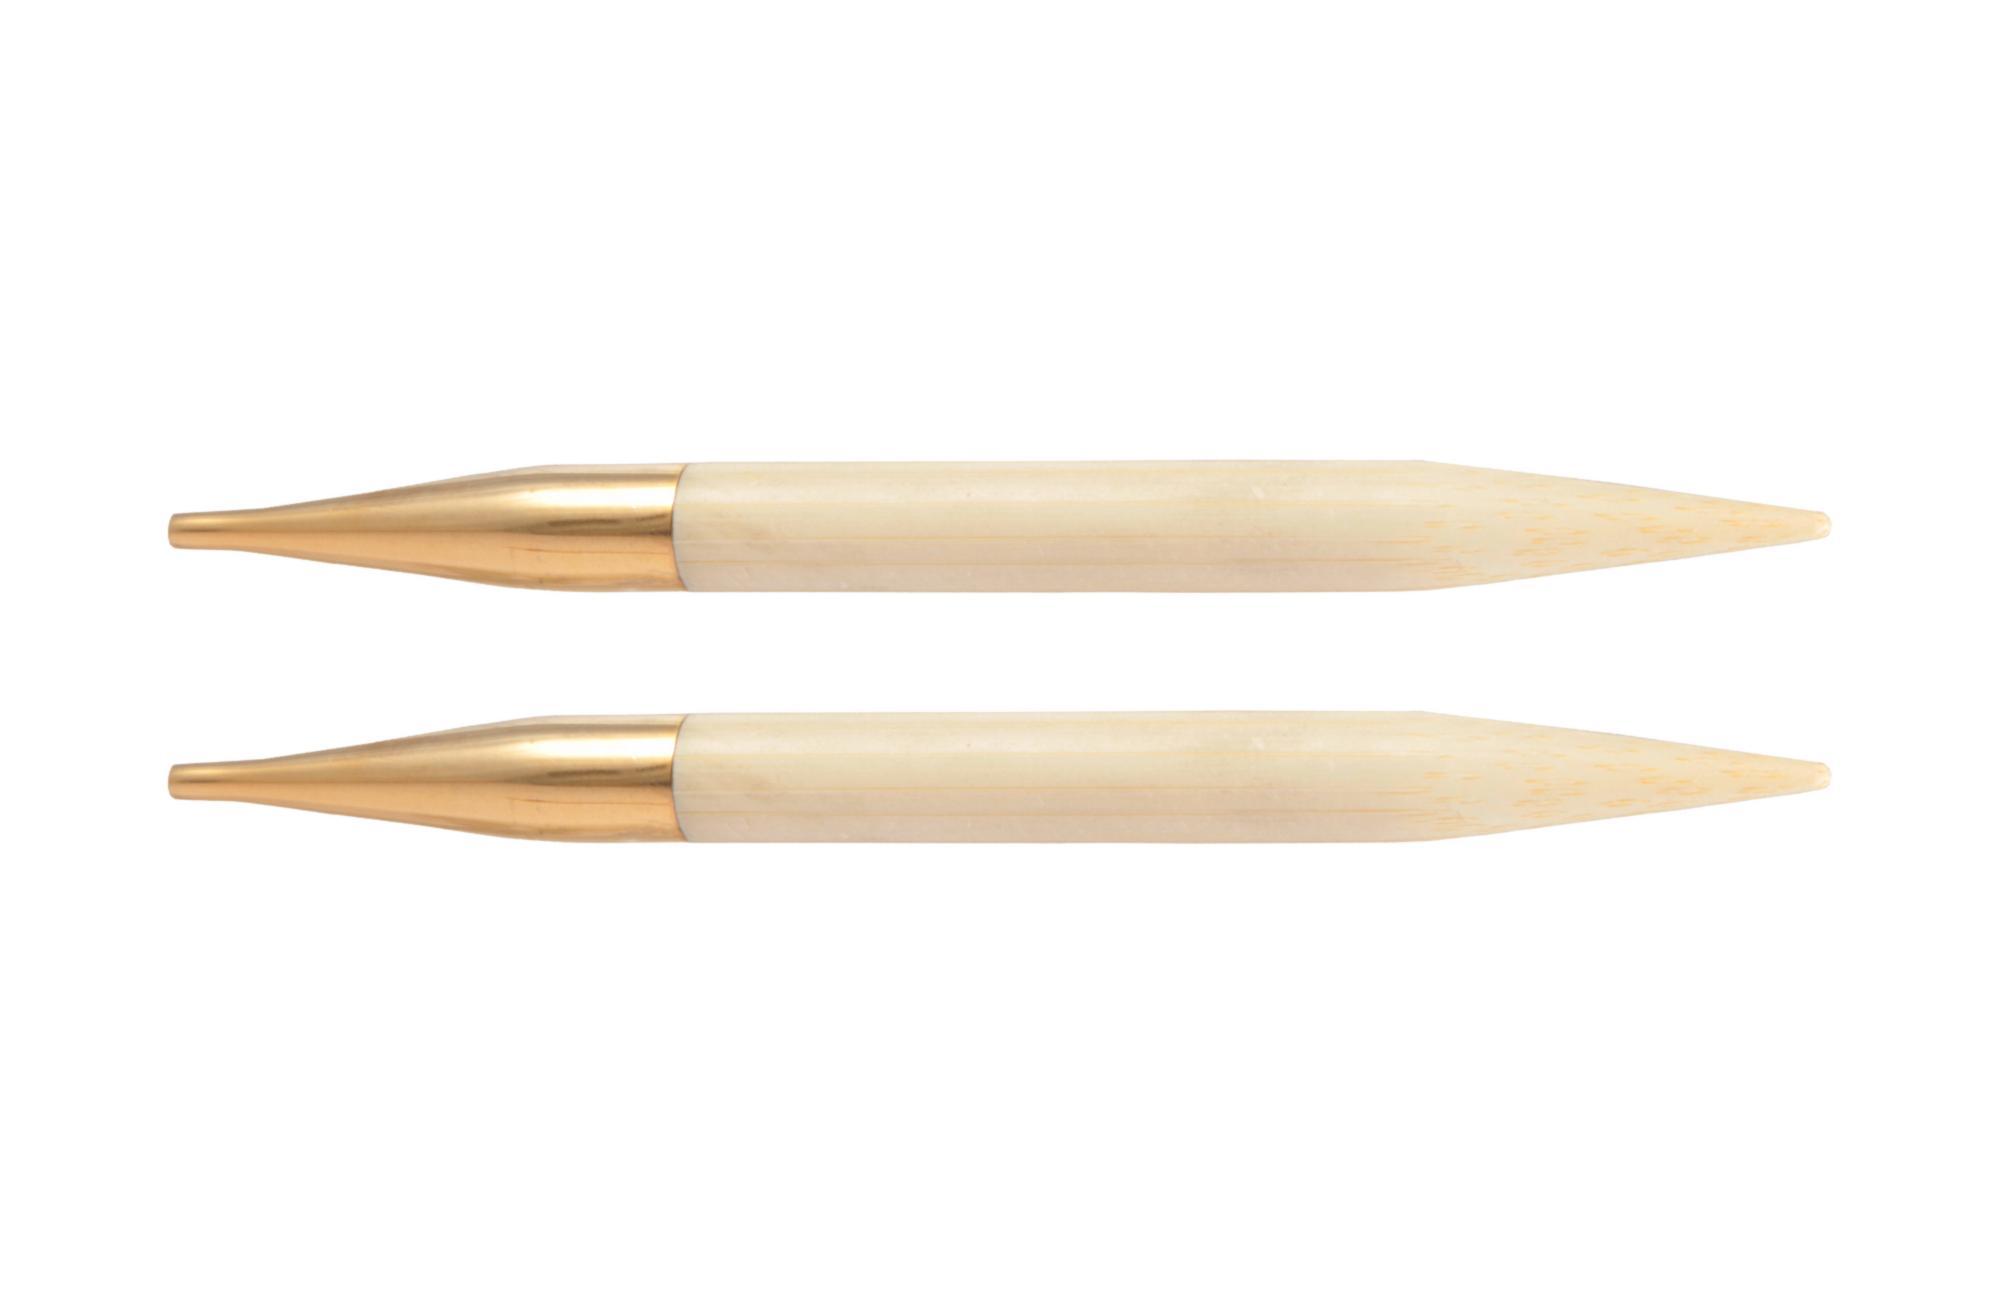 Спицы съёмные Bamboo KnitPro, 22400, 3.25 мм